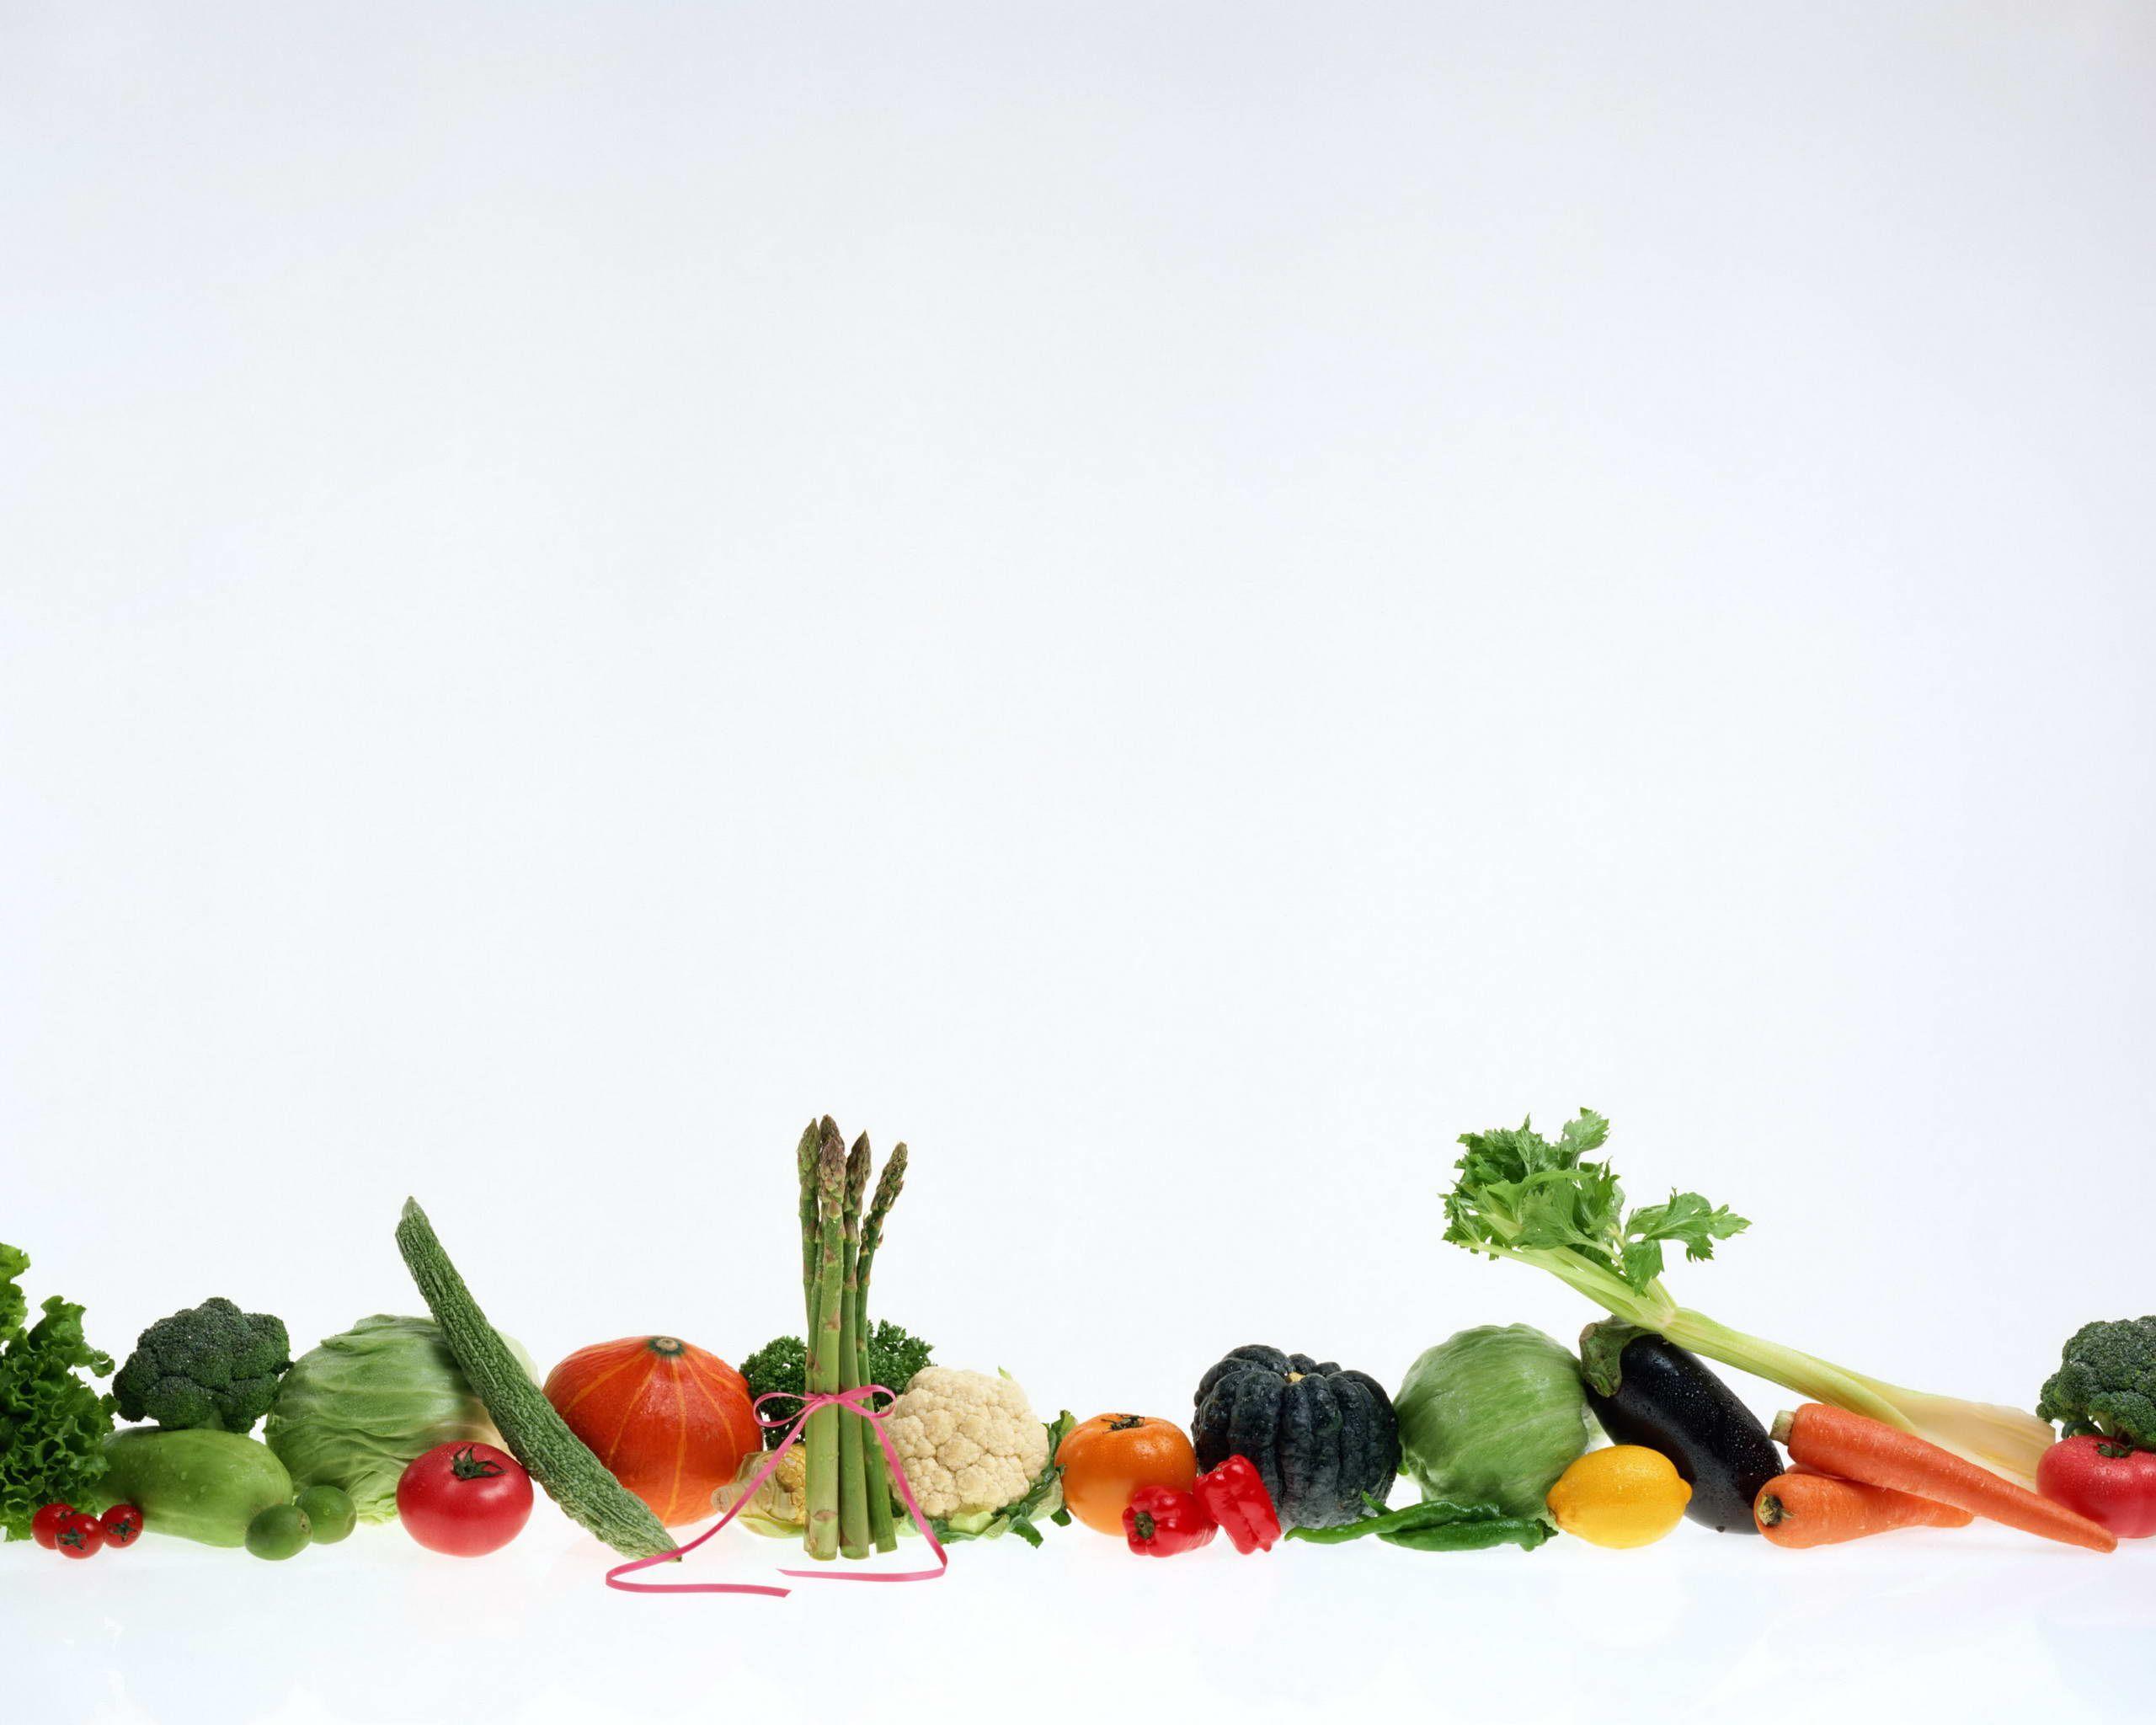 fruits and vegetables background desktop | Vegetables ...